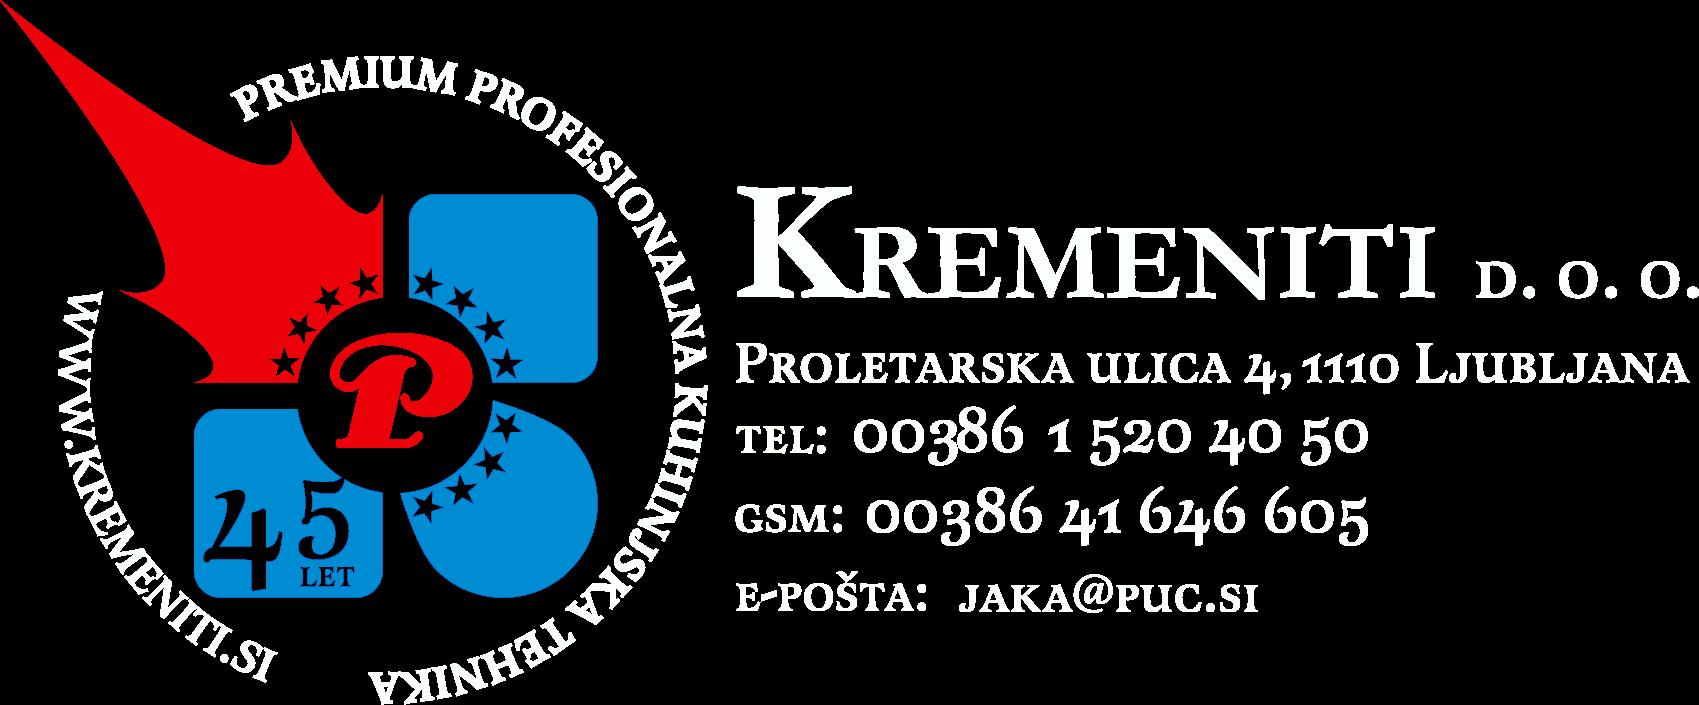 kremeniti-logo